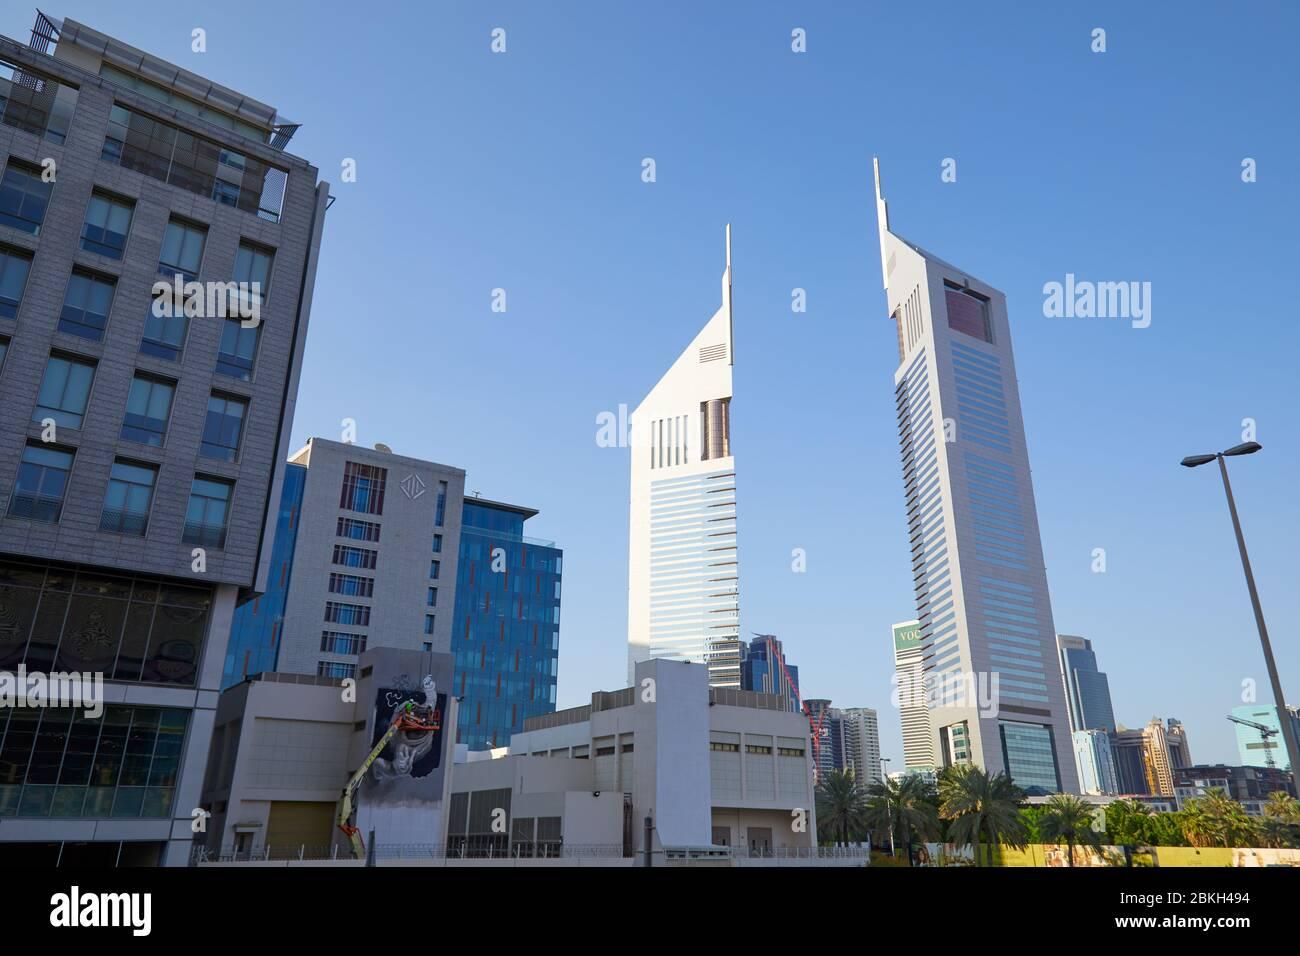 DUBAÏ, EMIRATS ARABES UNIS - 23 NOVEMBRE 2019: Quartier financier de Dubaï, gratte-ciel modernes à angle bas vue dans un jour ensoleillé, ciel bleu Banque D'Images